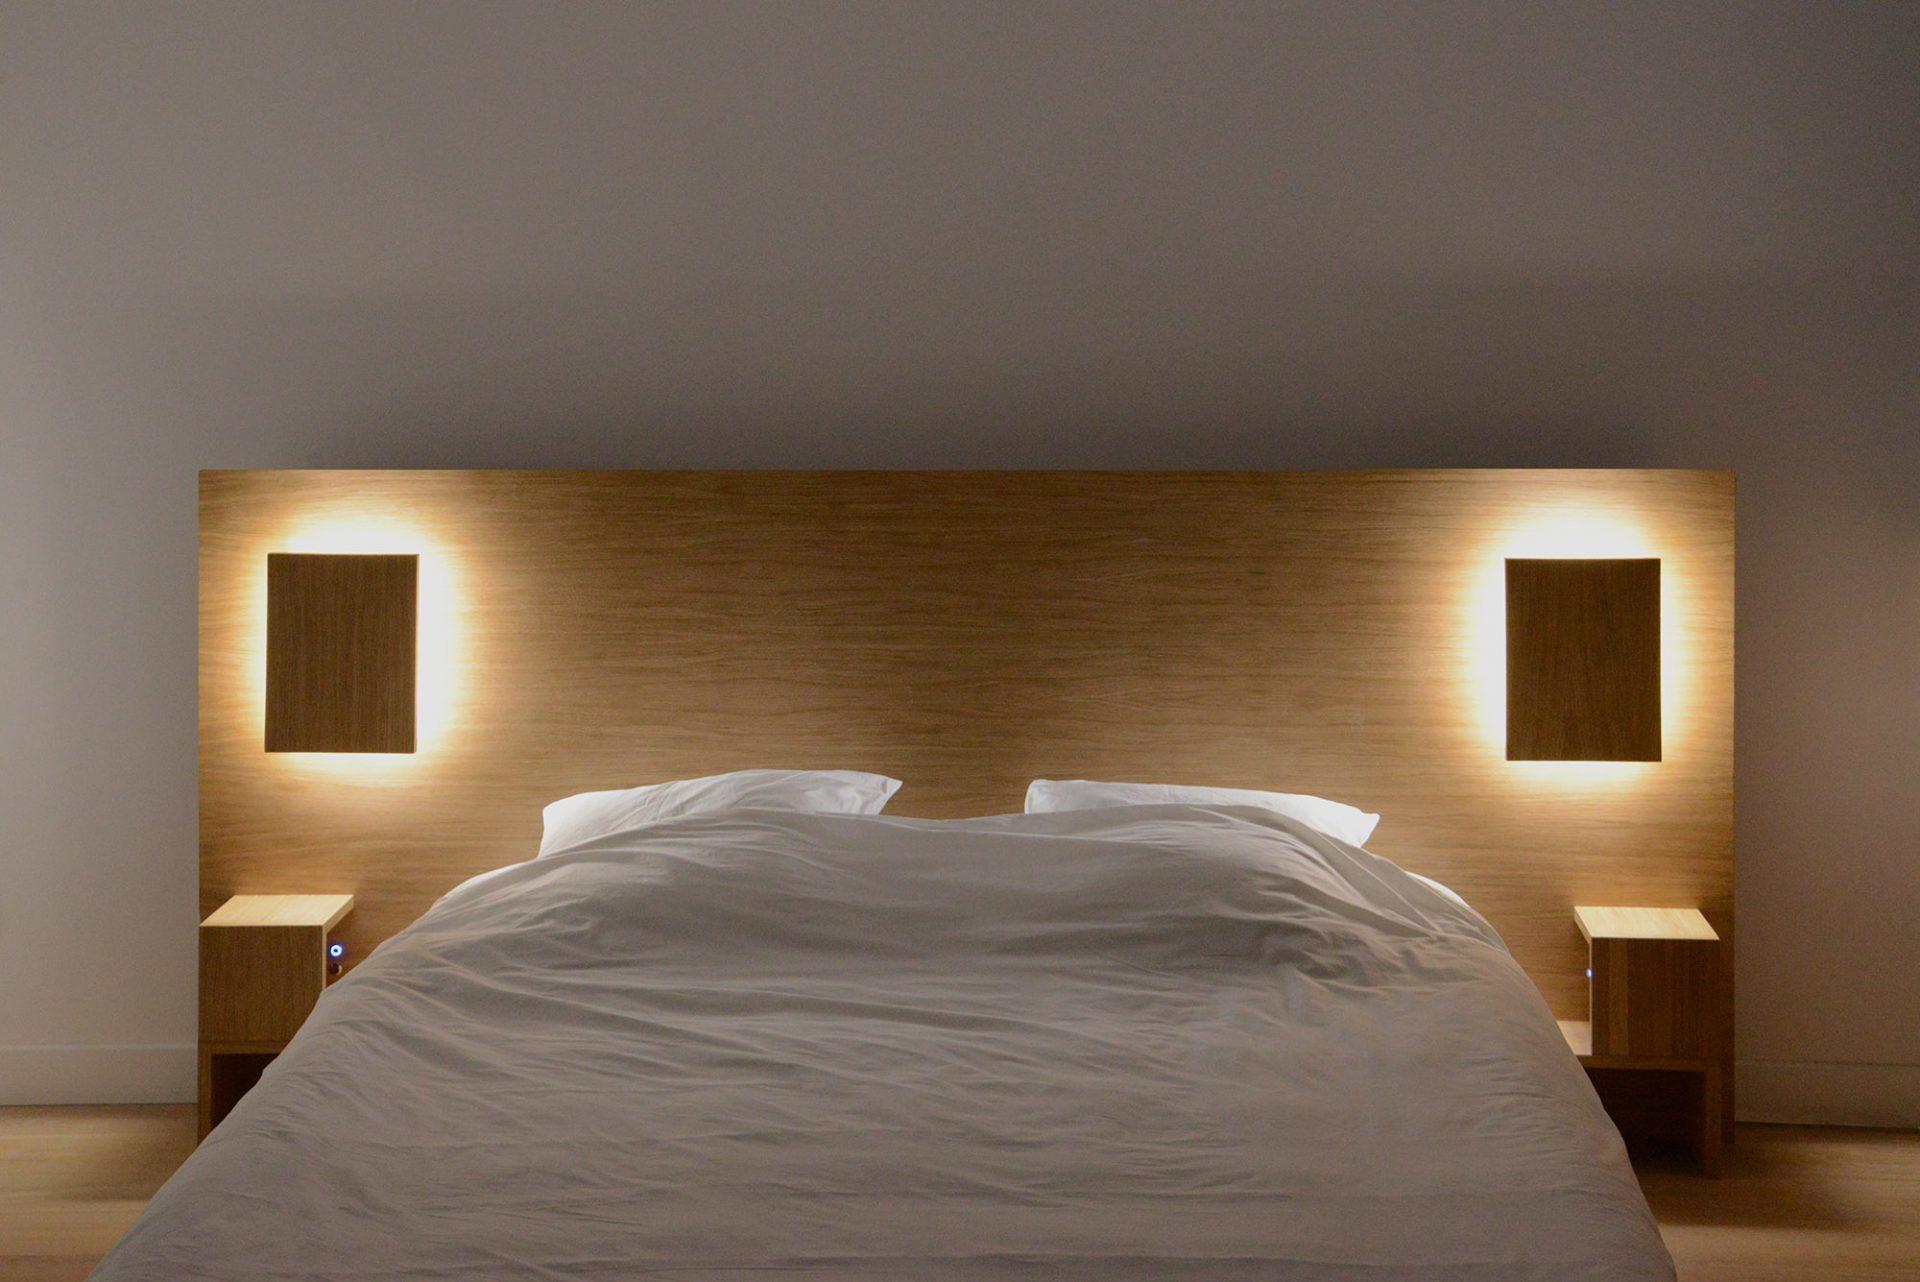 Tête de lit connectée